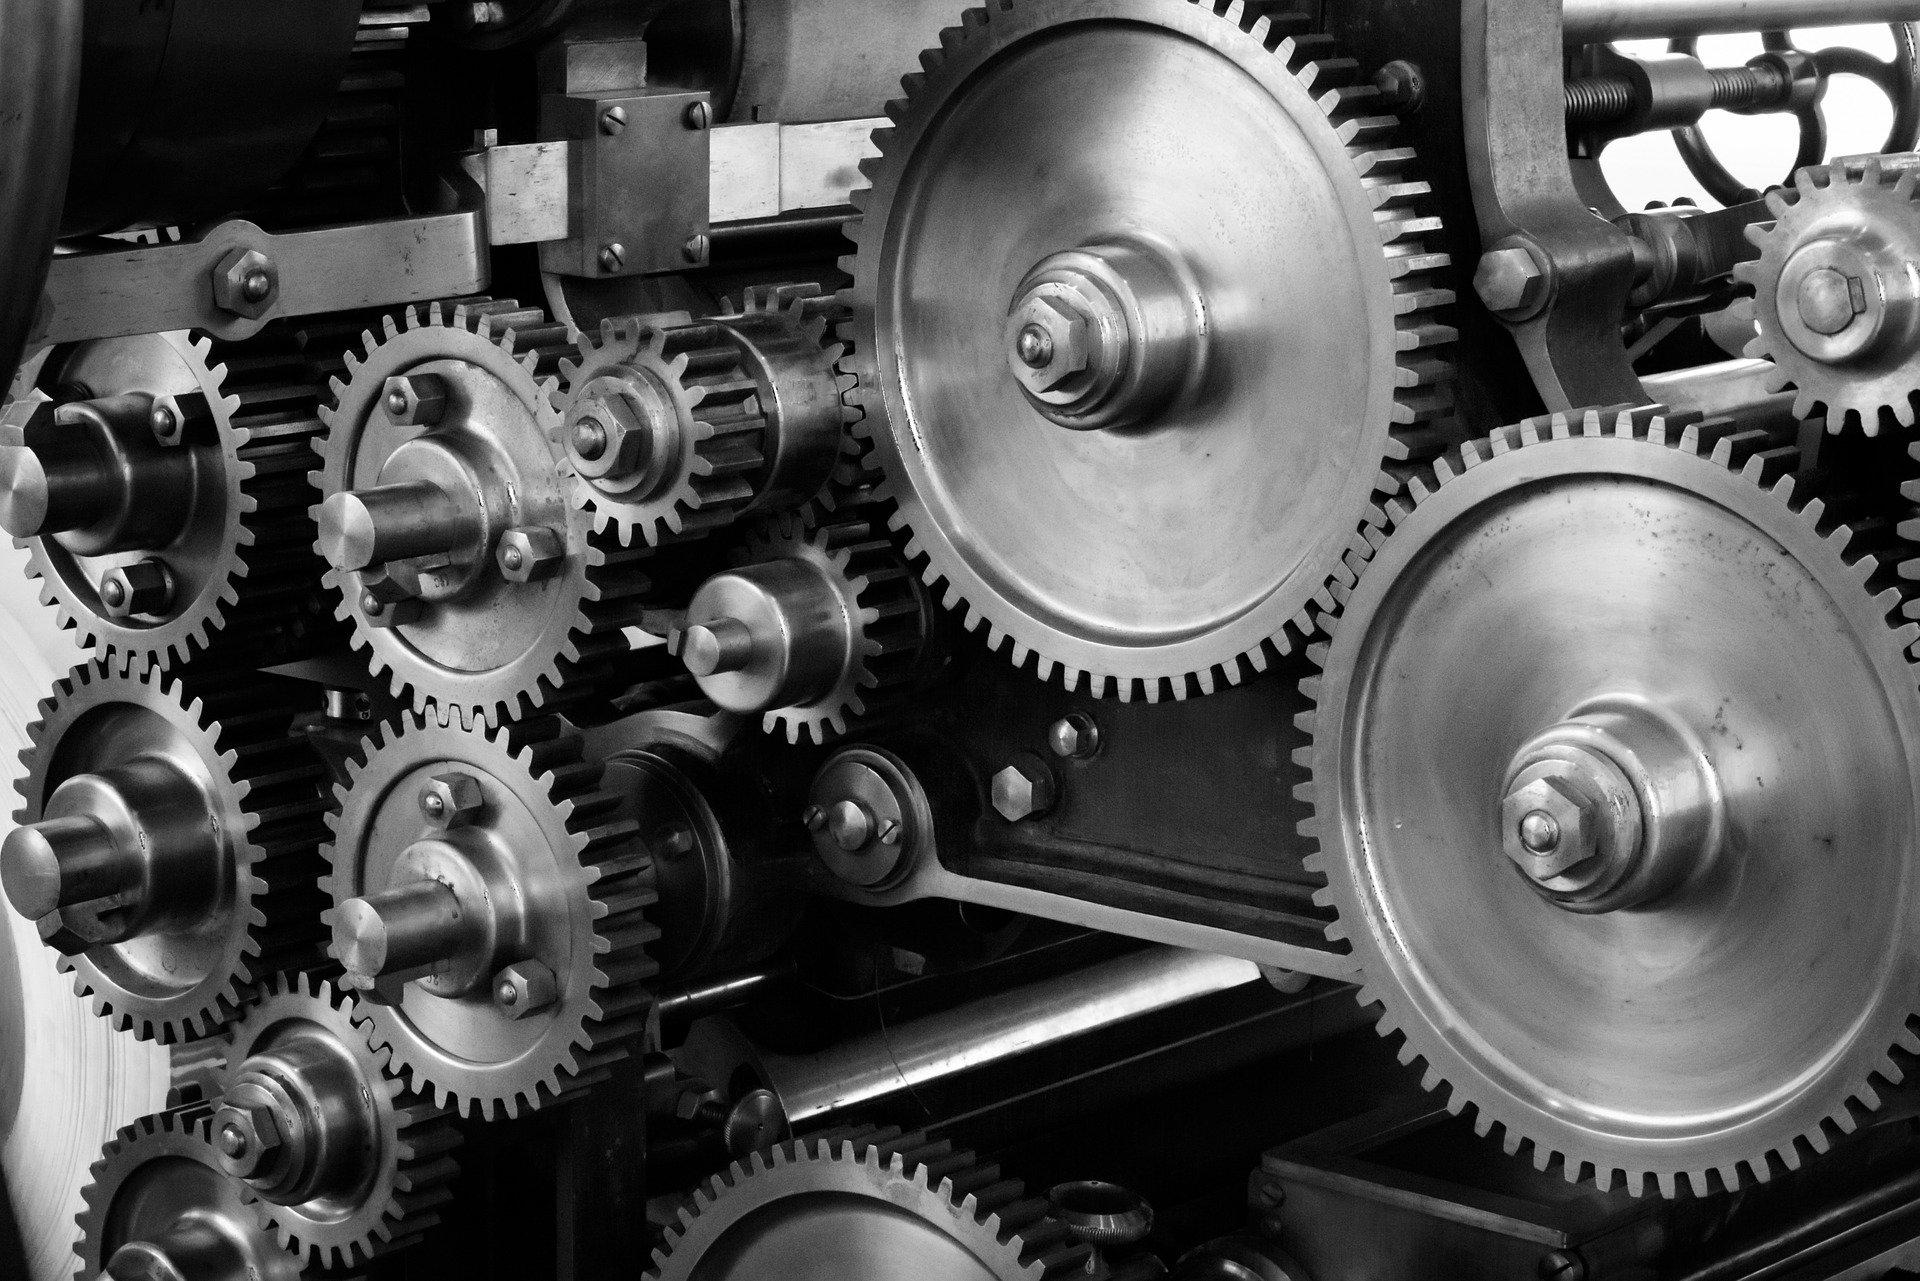 gears-1236578_1920-min(1)